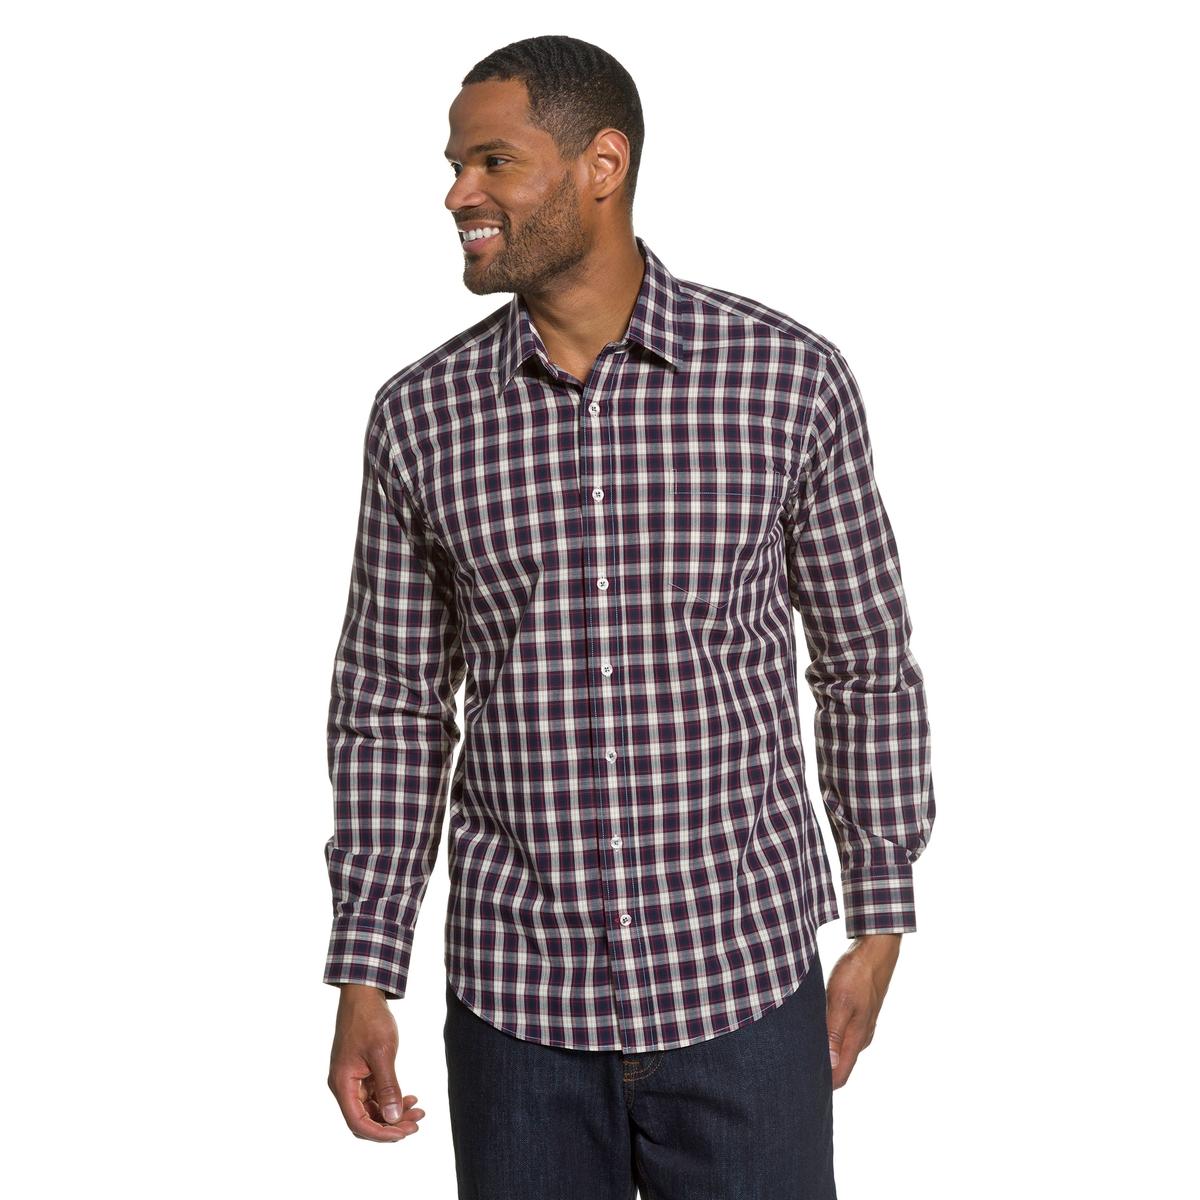 Рубашка в клеткуРубашка в клетку JP1880 . Слегка приталенный покрой. Воротник Kent. Нагрудный карман. 100% хлопок. Длина около 78 - 94 см.<br><br>Цвет: в клетку